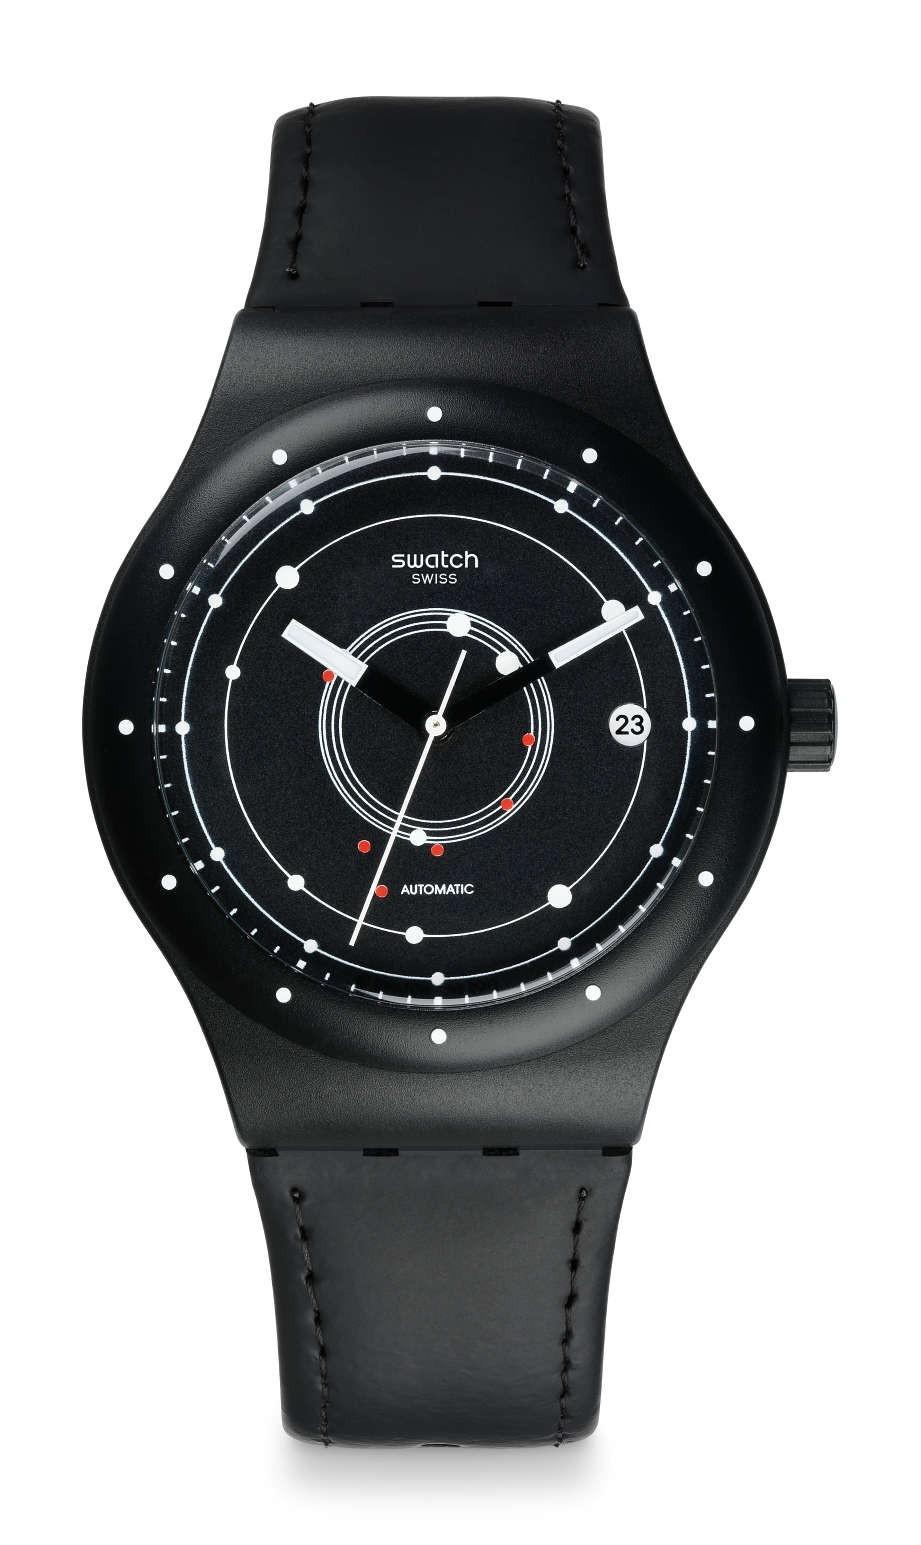 Купить часы swatch наручные мужские наручные часы tissot оригинал